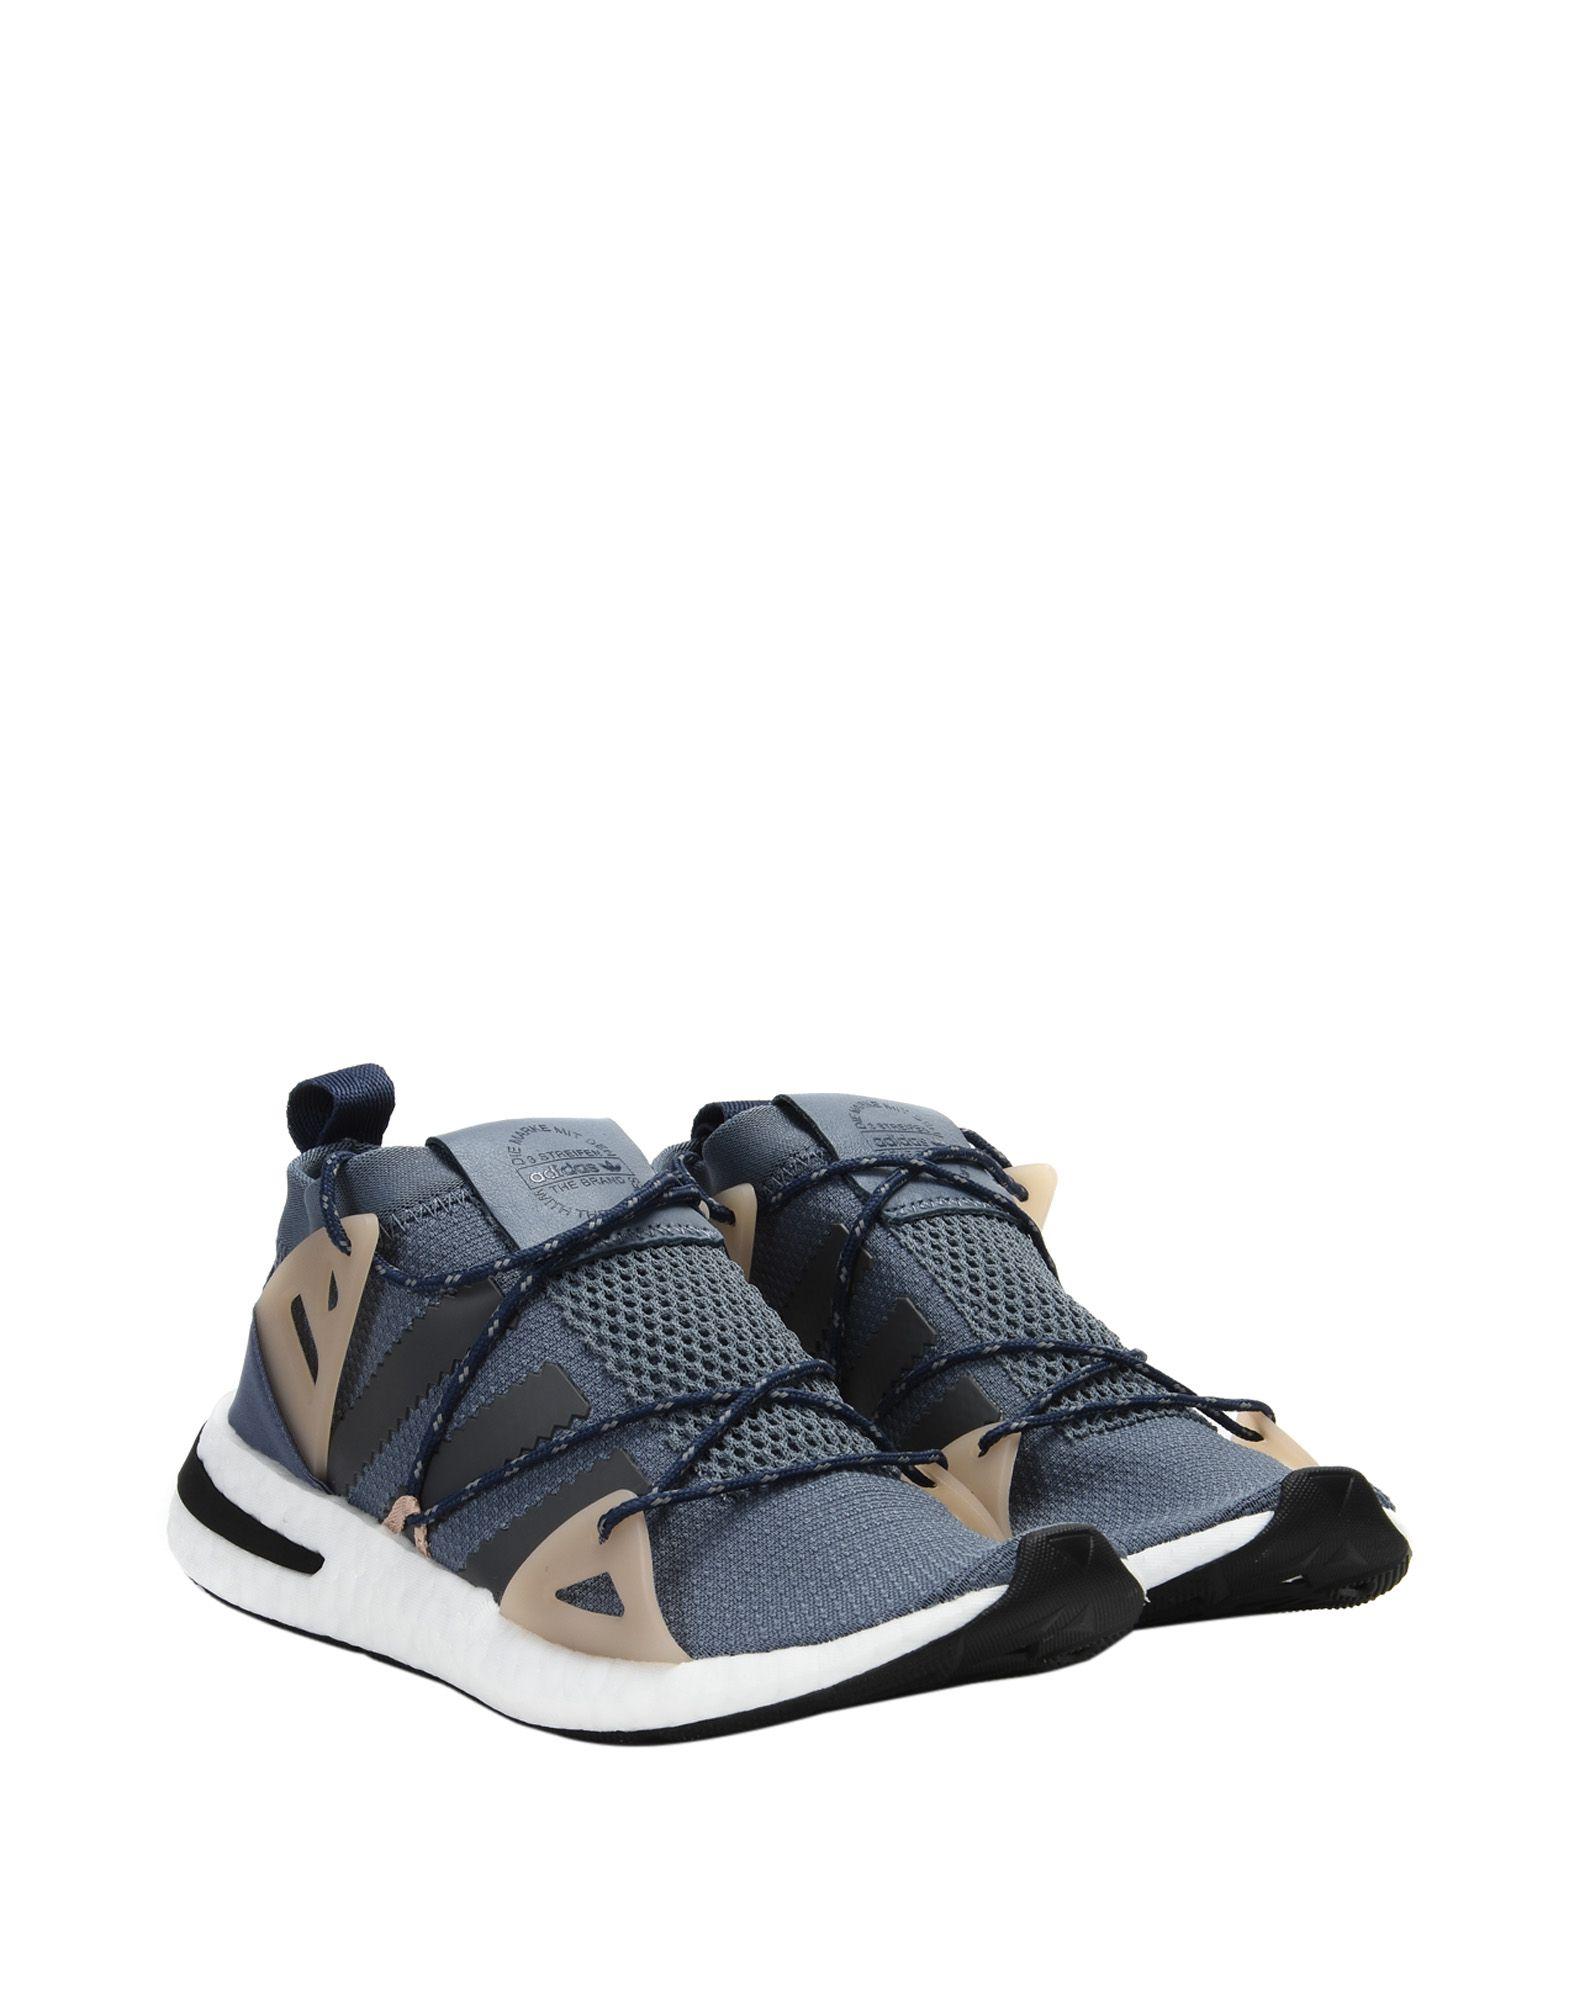 Adidas Originals Arkyn W 11472068CV  11472068CV W 583112